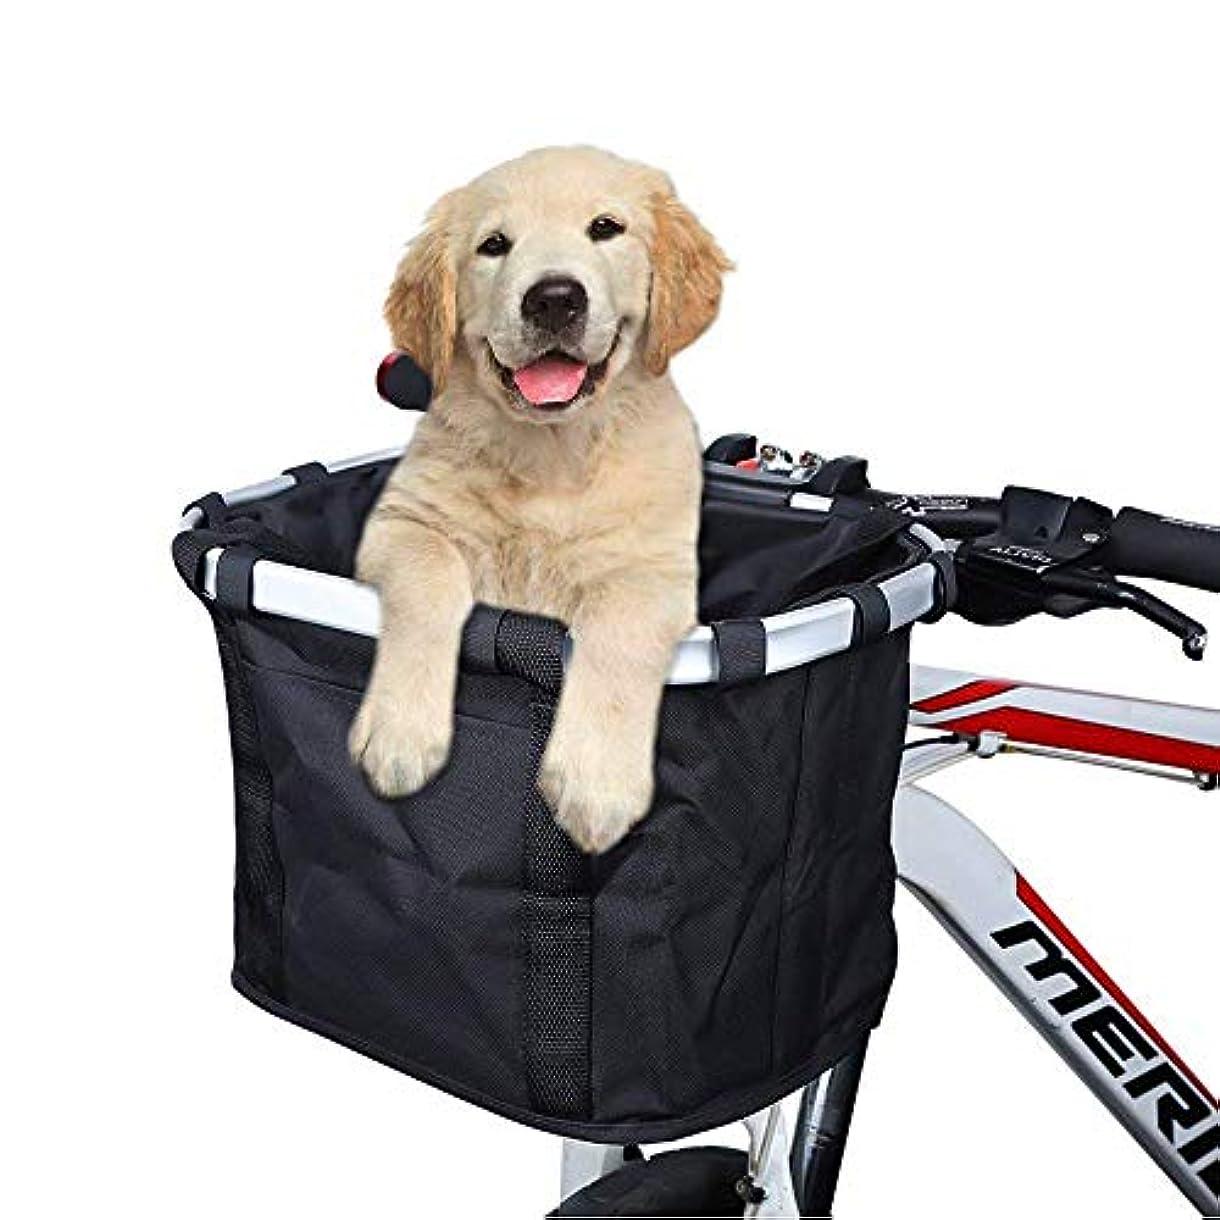 旅行医師症候群ANZOME 自転車かご 自転車カゴ 自転車バスケット折り畳み式 脱着簡単 巾着式 大容量 耐水性 ペット用 犬用 お買物用 折り畳み自転車用 商品説明書付き